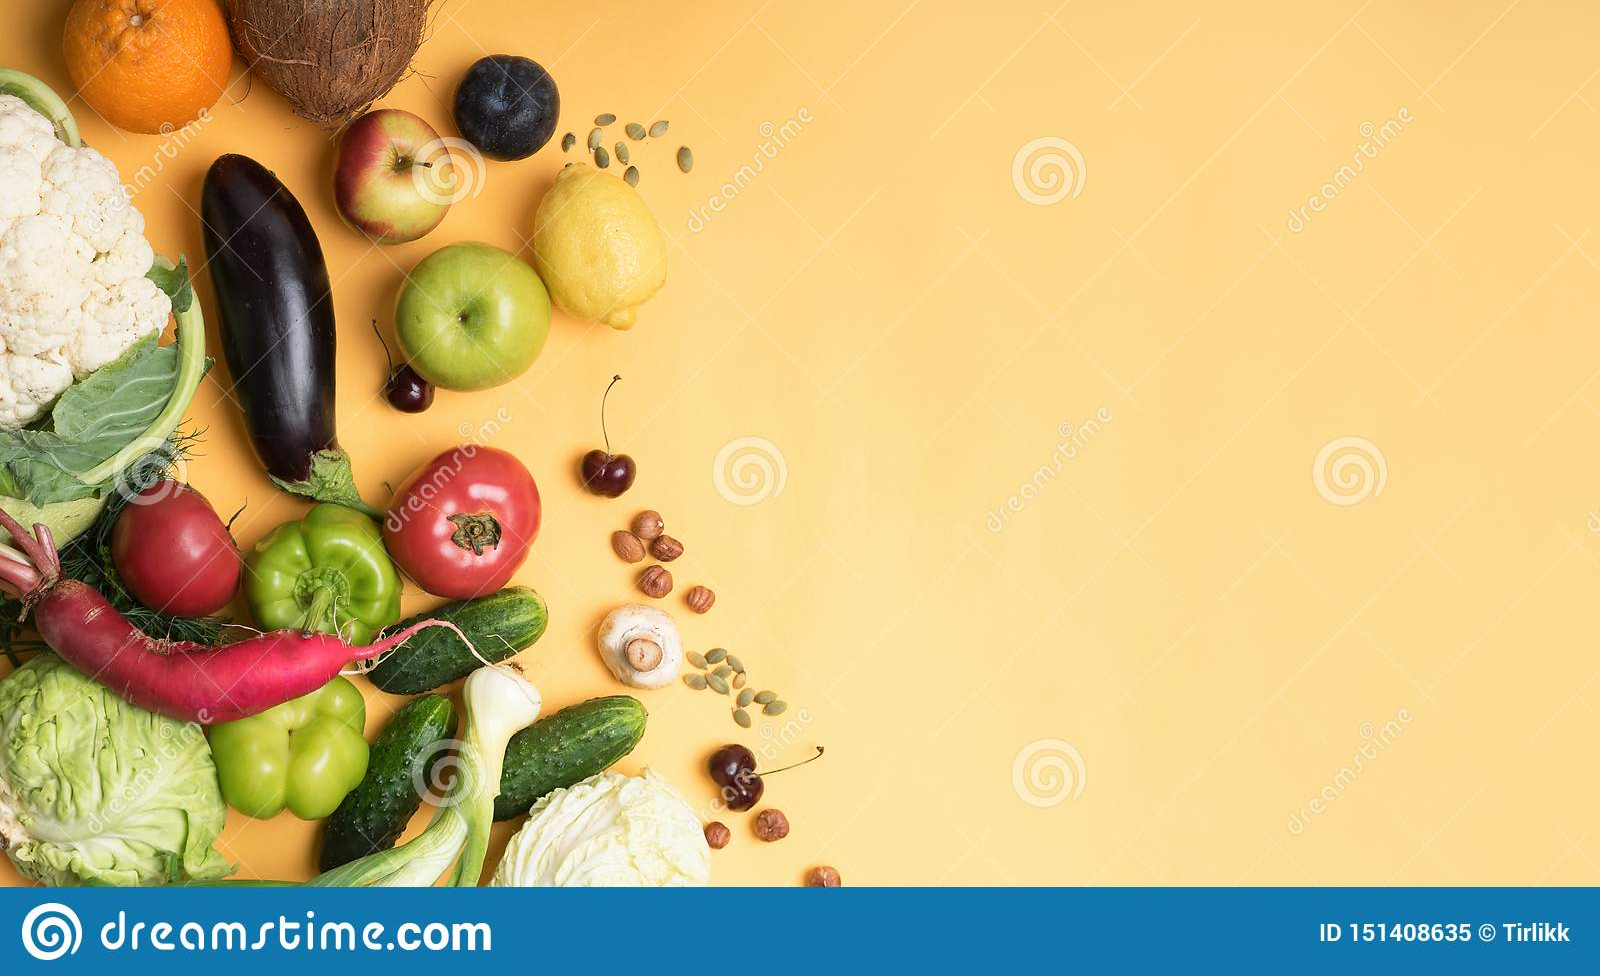 Fondo amarillo aislado diversas frutas y verduras de la fotografía de la comida Copie el espacio